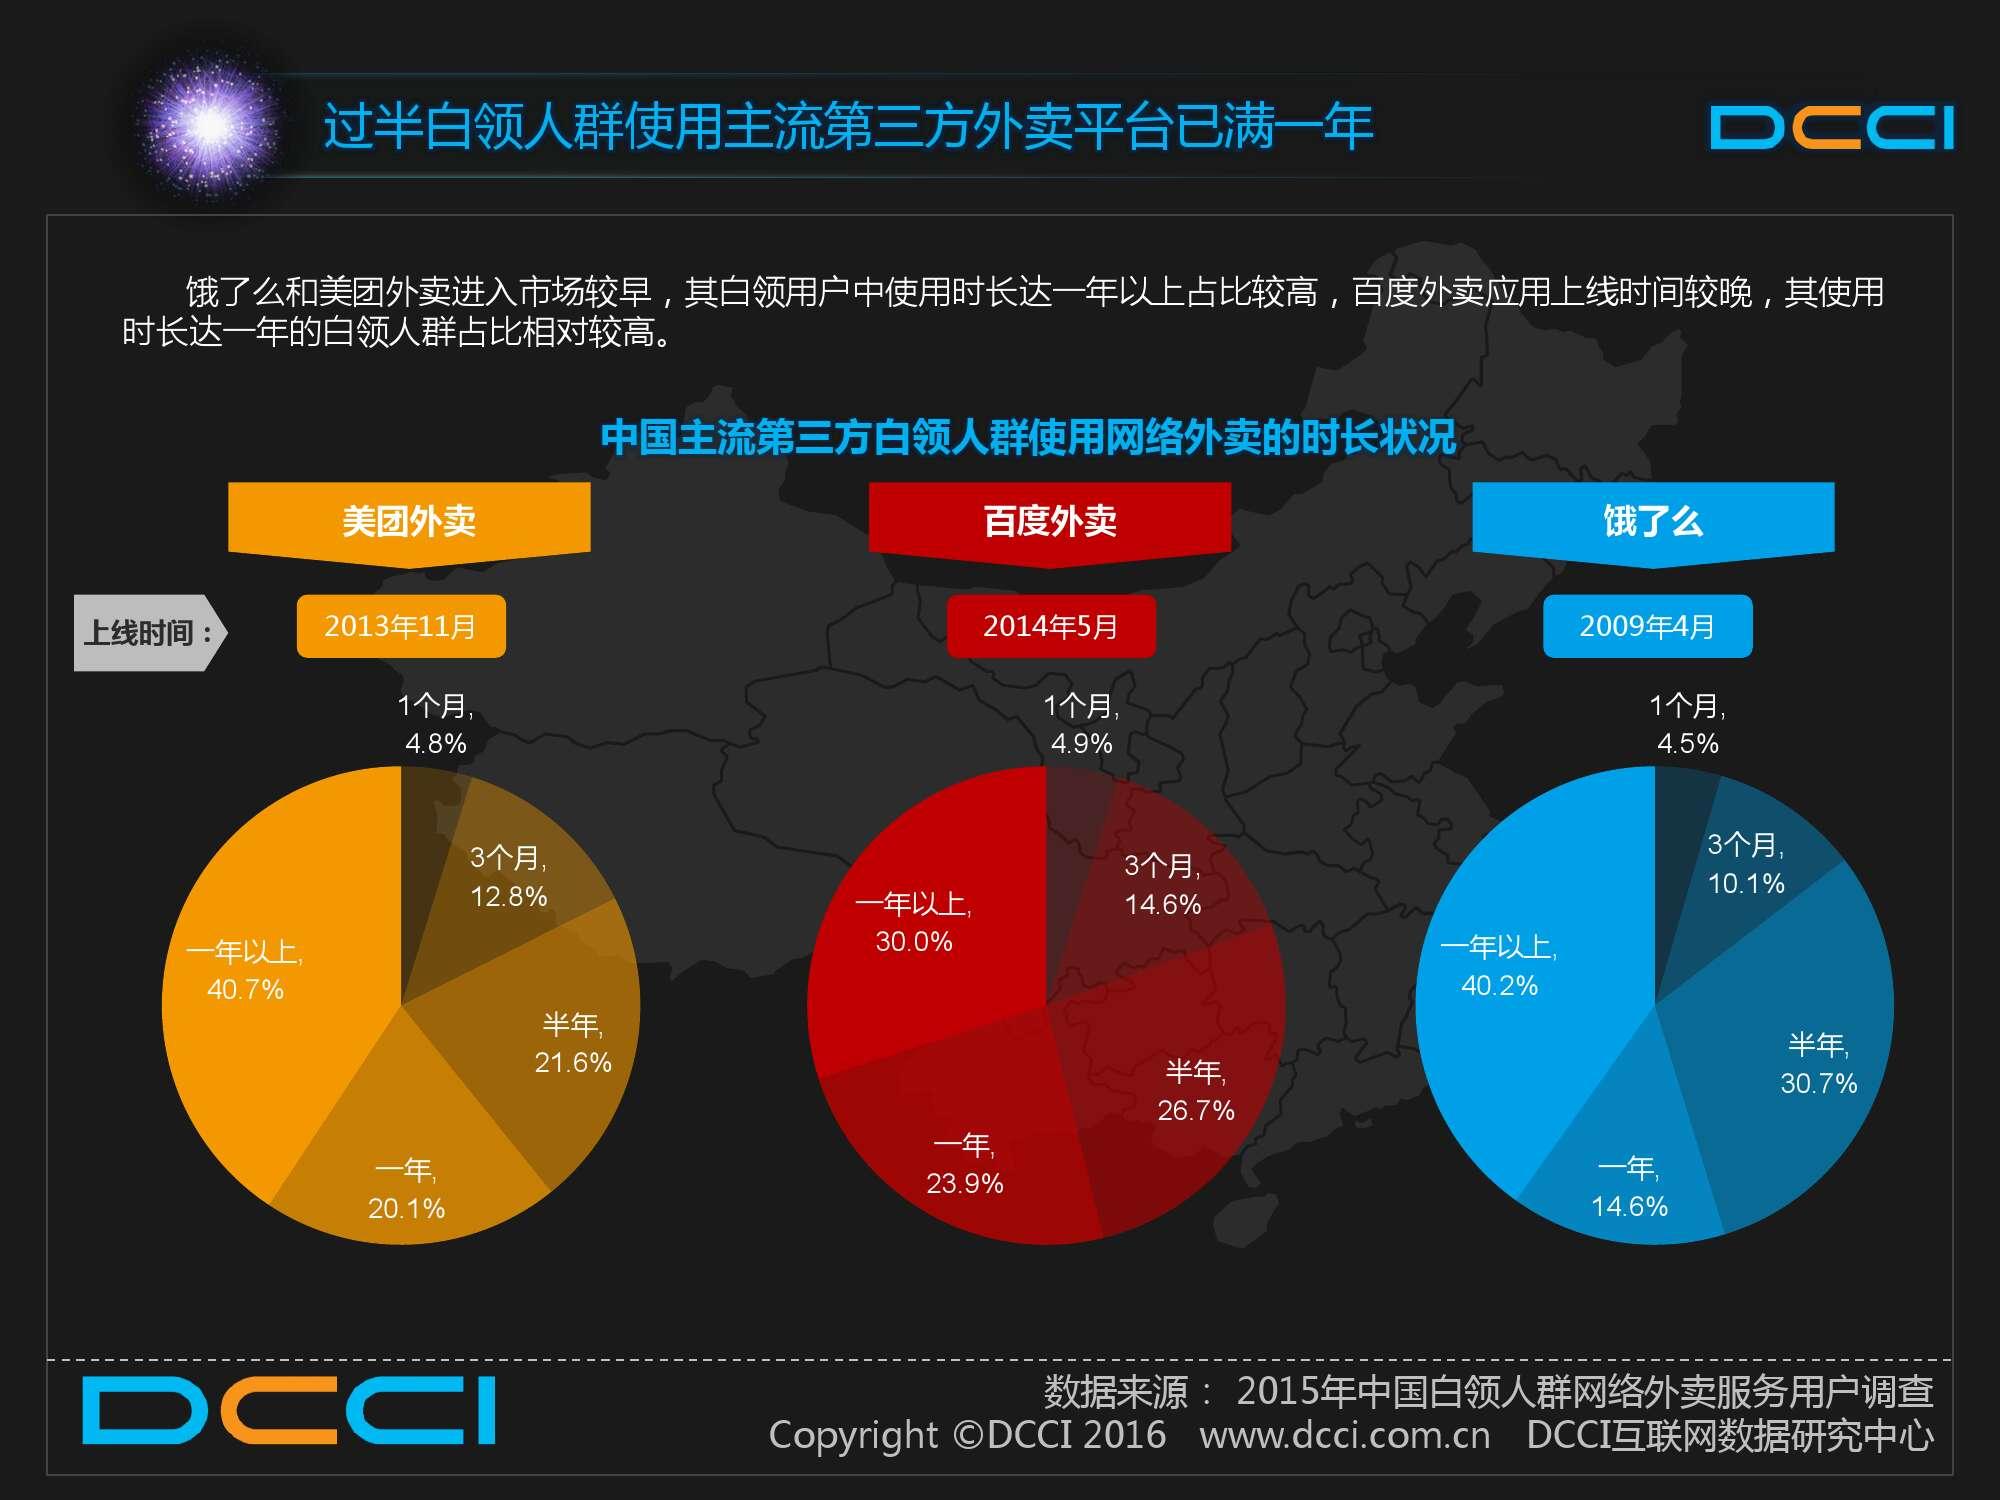 2015中国白领人群网络外卖服务研究报告_000021